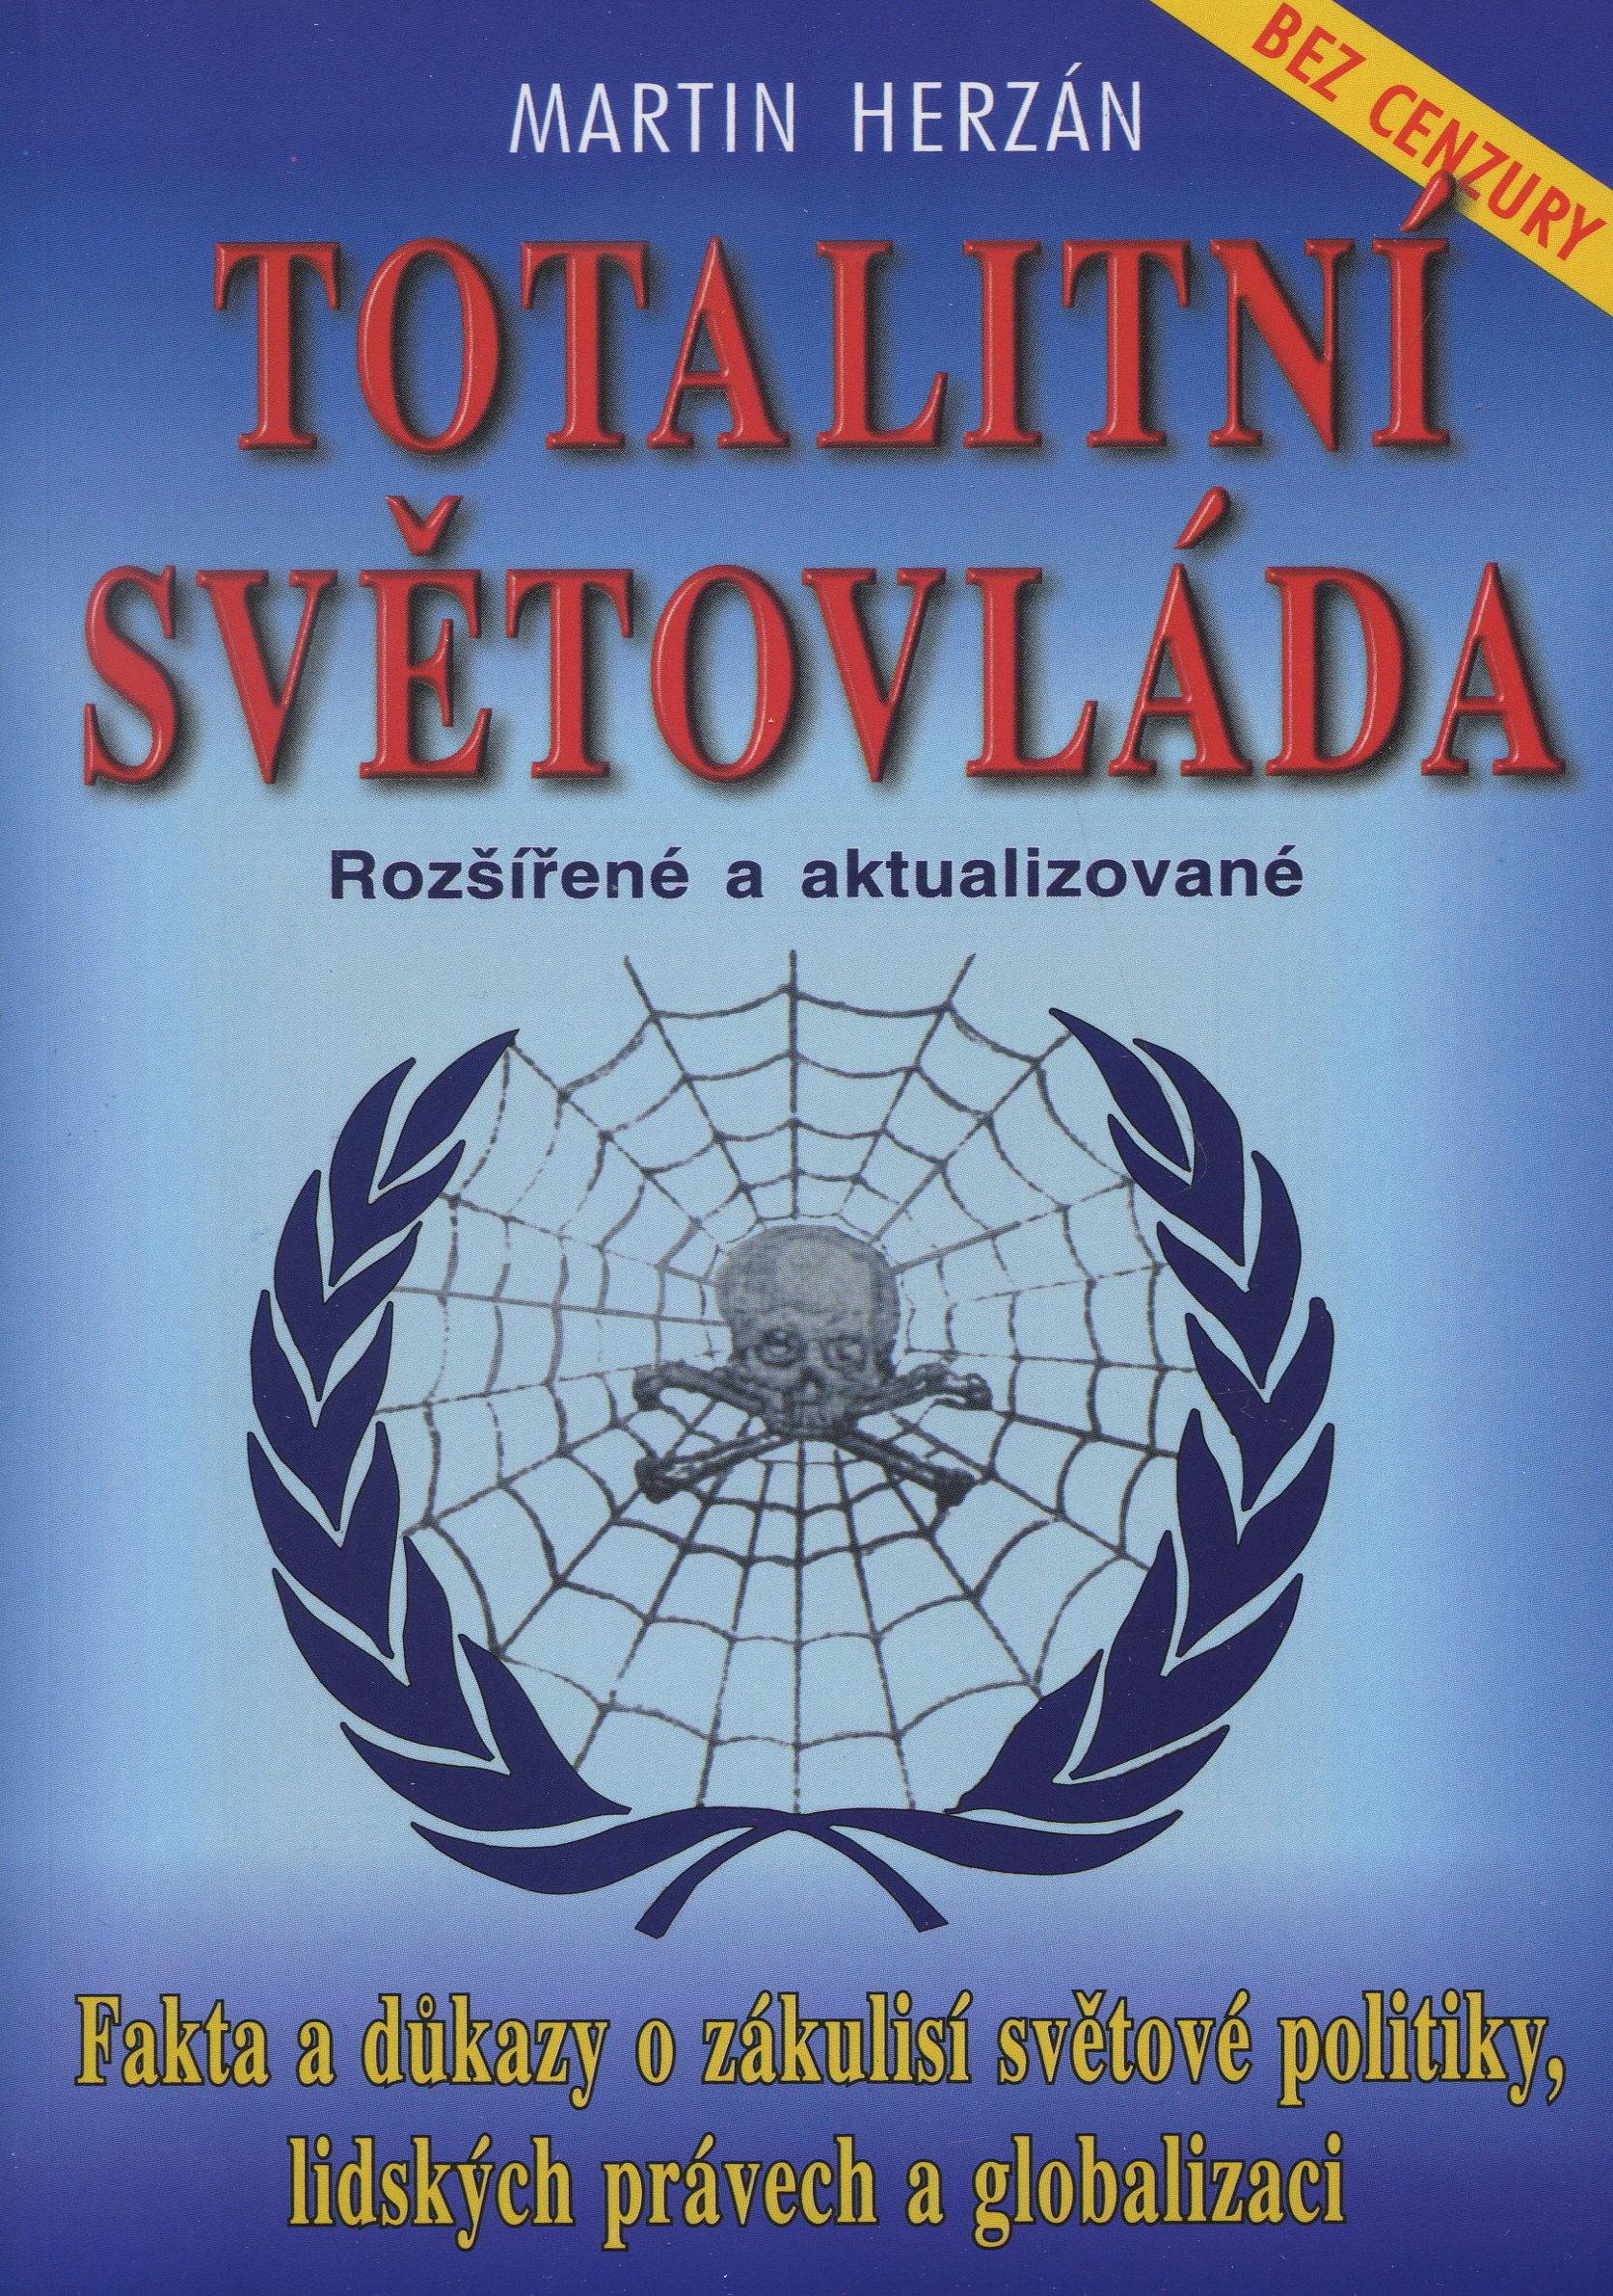 Totalitní světovláda - bez cenzury - fakta a důkazy o zákulisí světové politiky, lidských právech a globalizaci